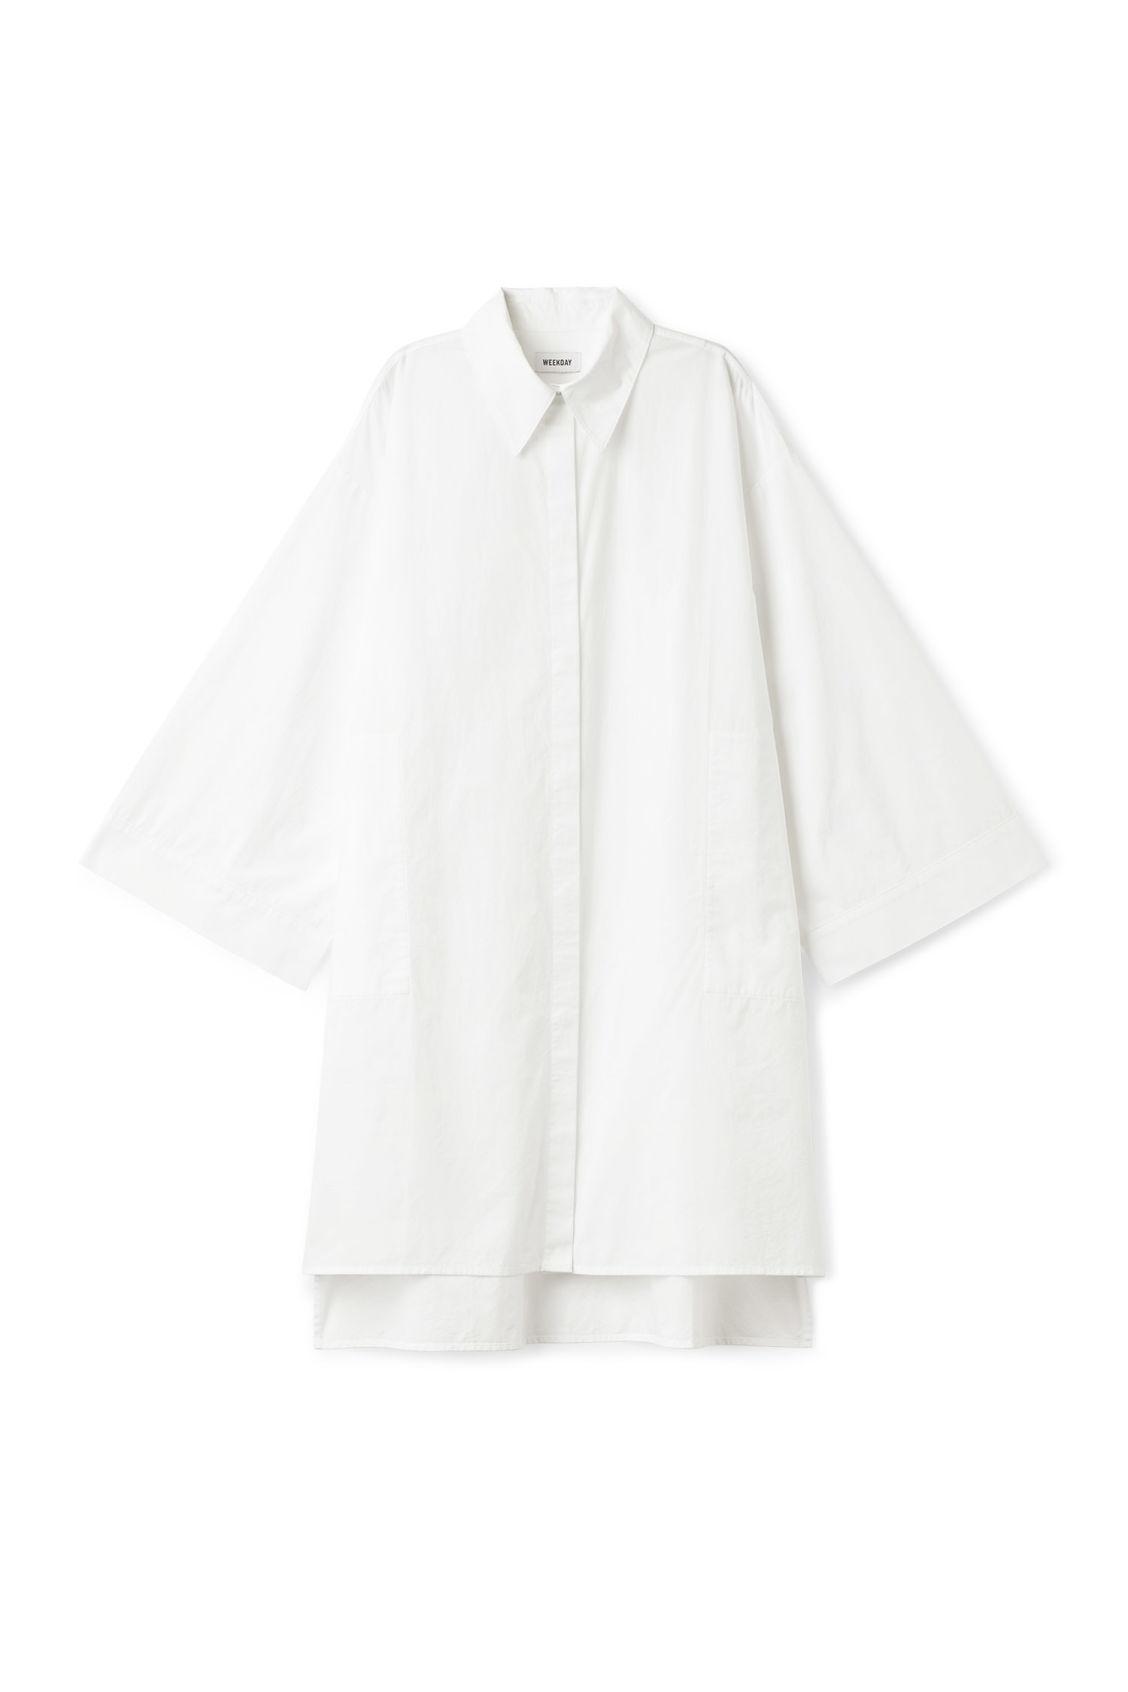 Weekday Alhambra Shirt - White Jeu Meilleur Endroit Vente Livraison Gratuite Chaude i2BOXHdfB